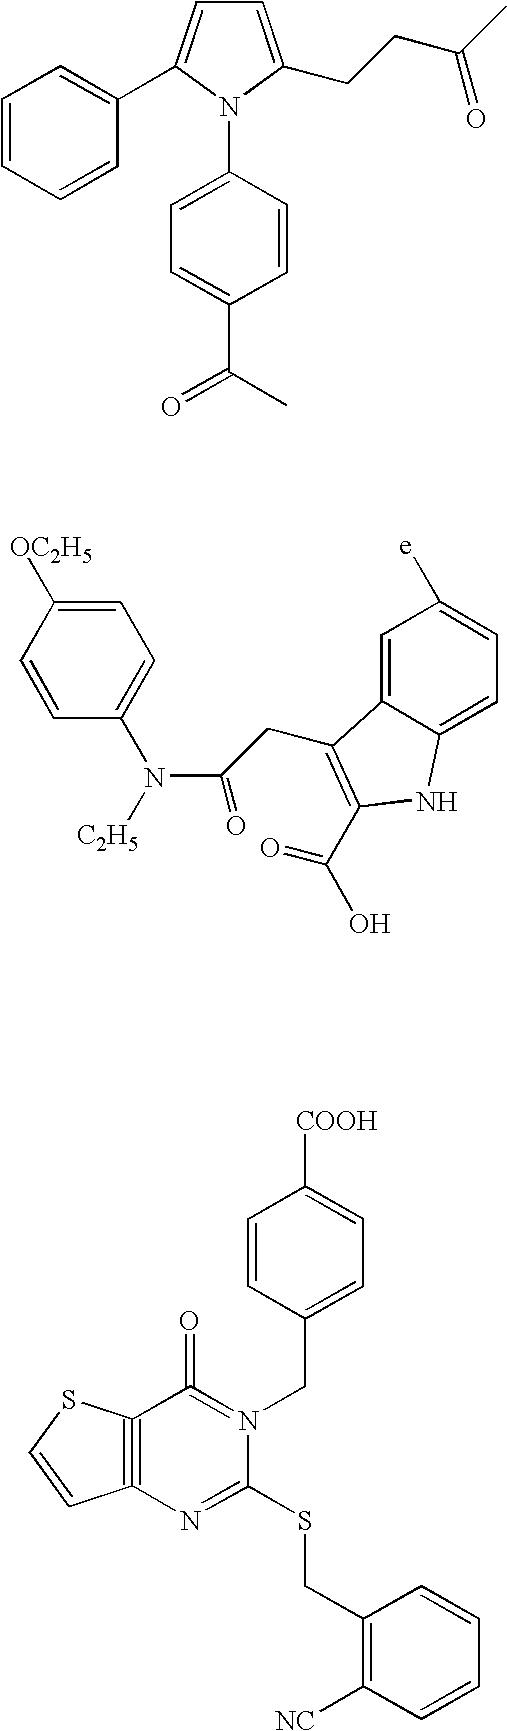 Figure US20100286174A1-20101111-C00002